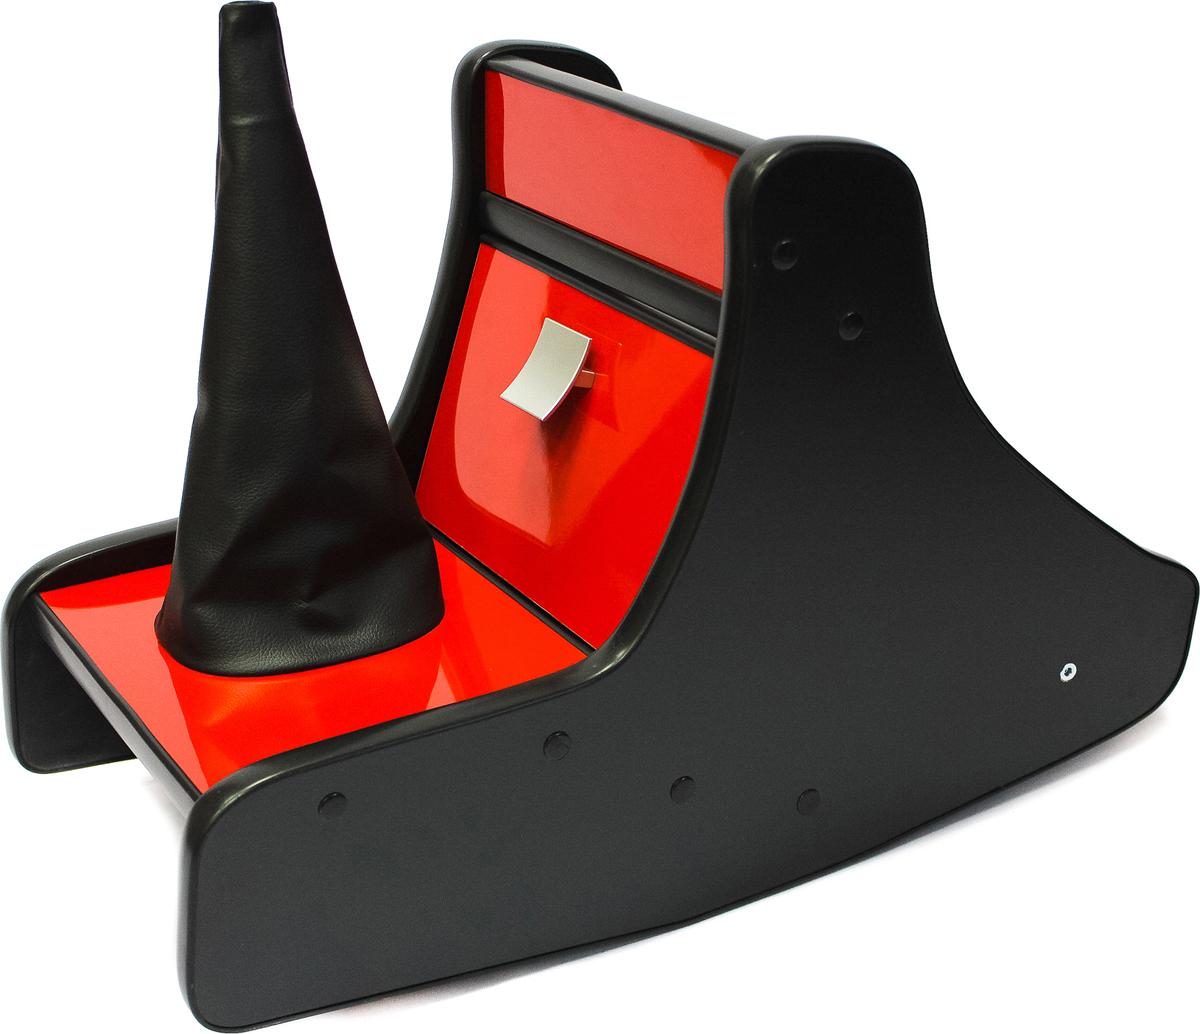 Консоль в авто АвтоБлюз для ГАЗель NEXT, ГР02776, глянец красный противоугонные средства авто